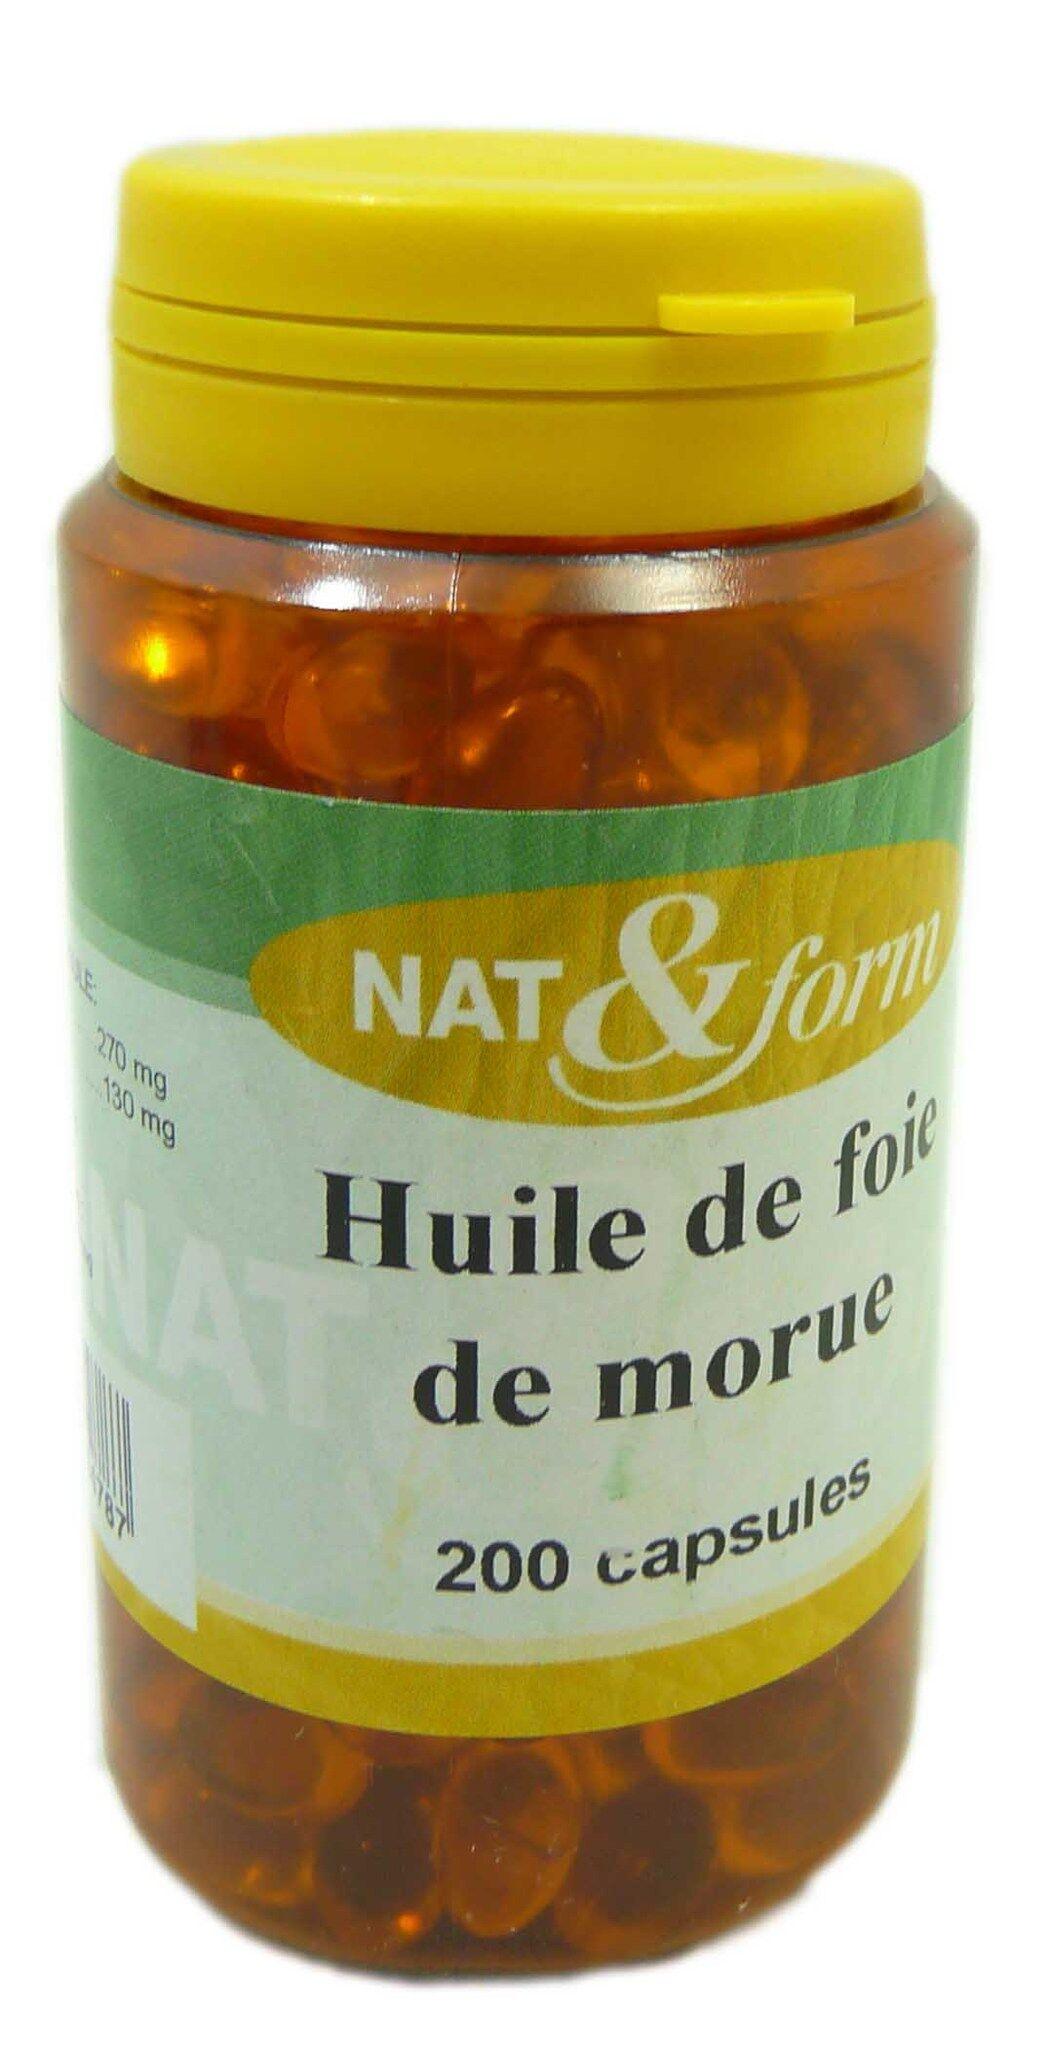 NAT & FORM Nat&form huile foie morue 200 capsules